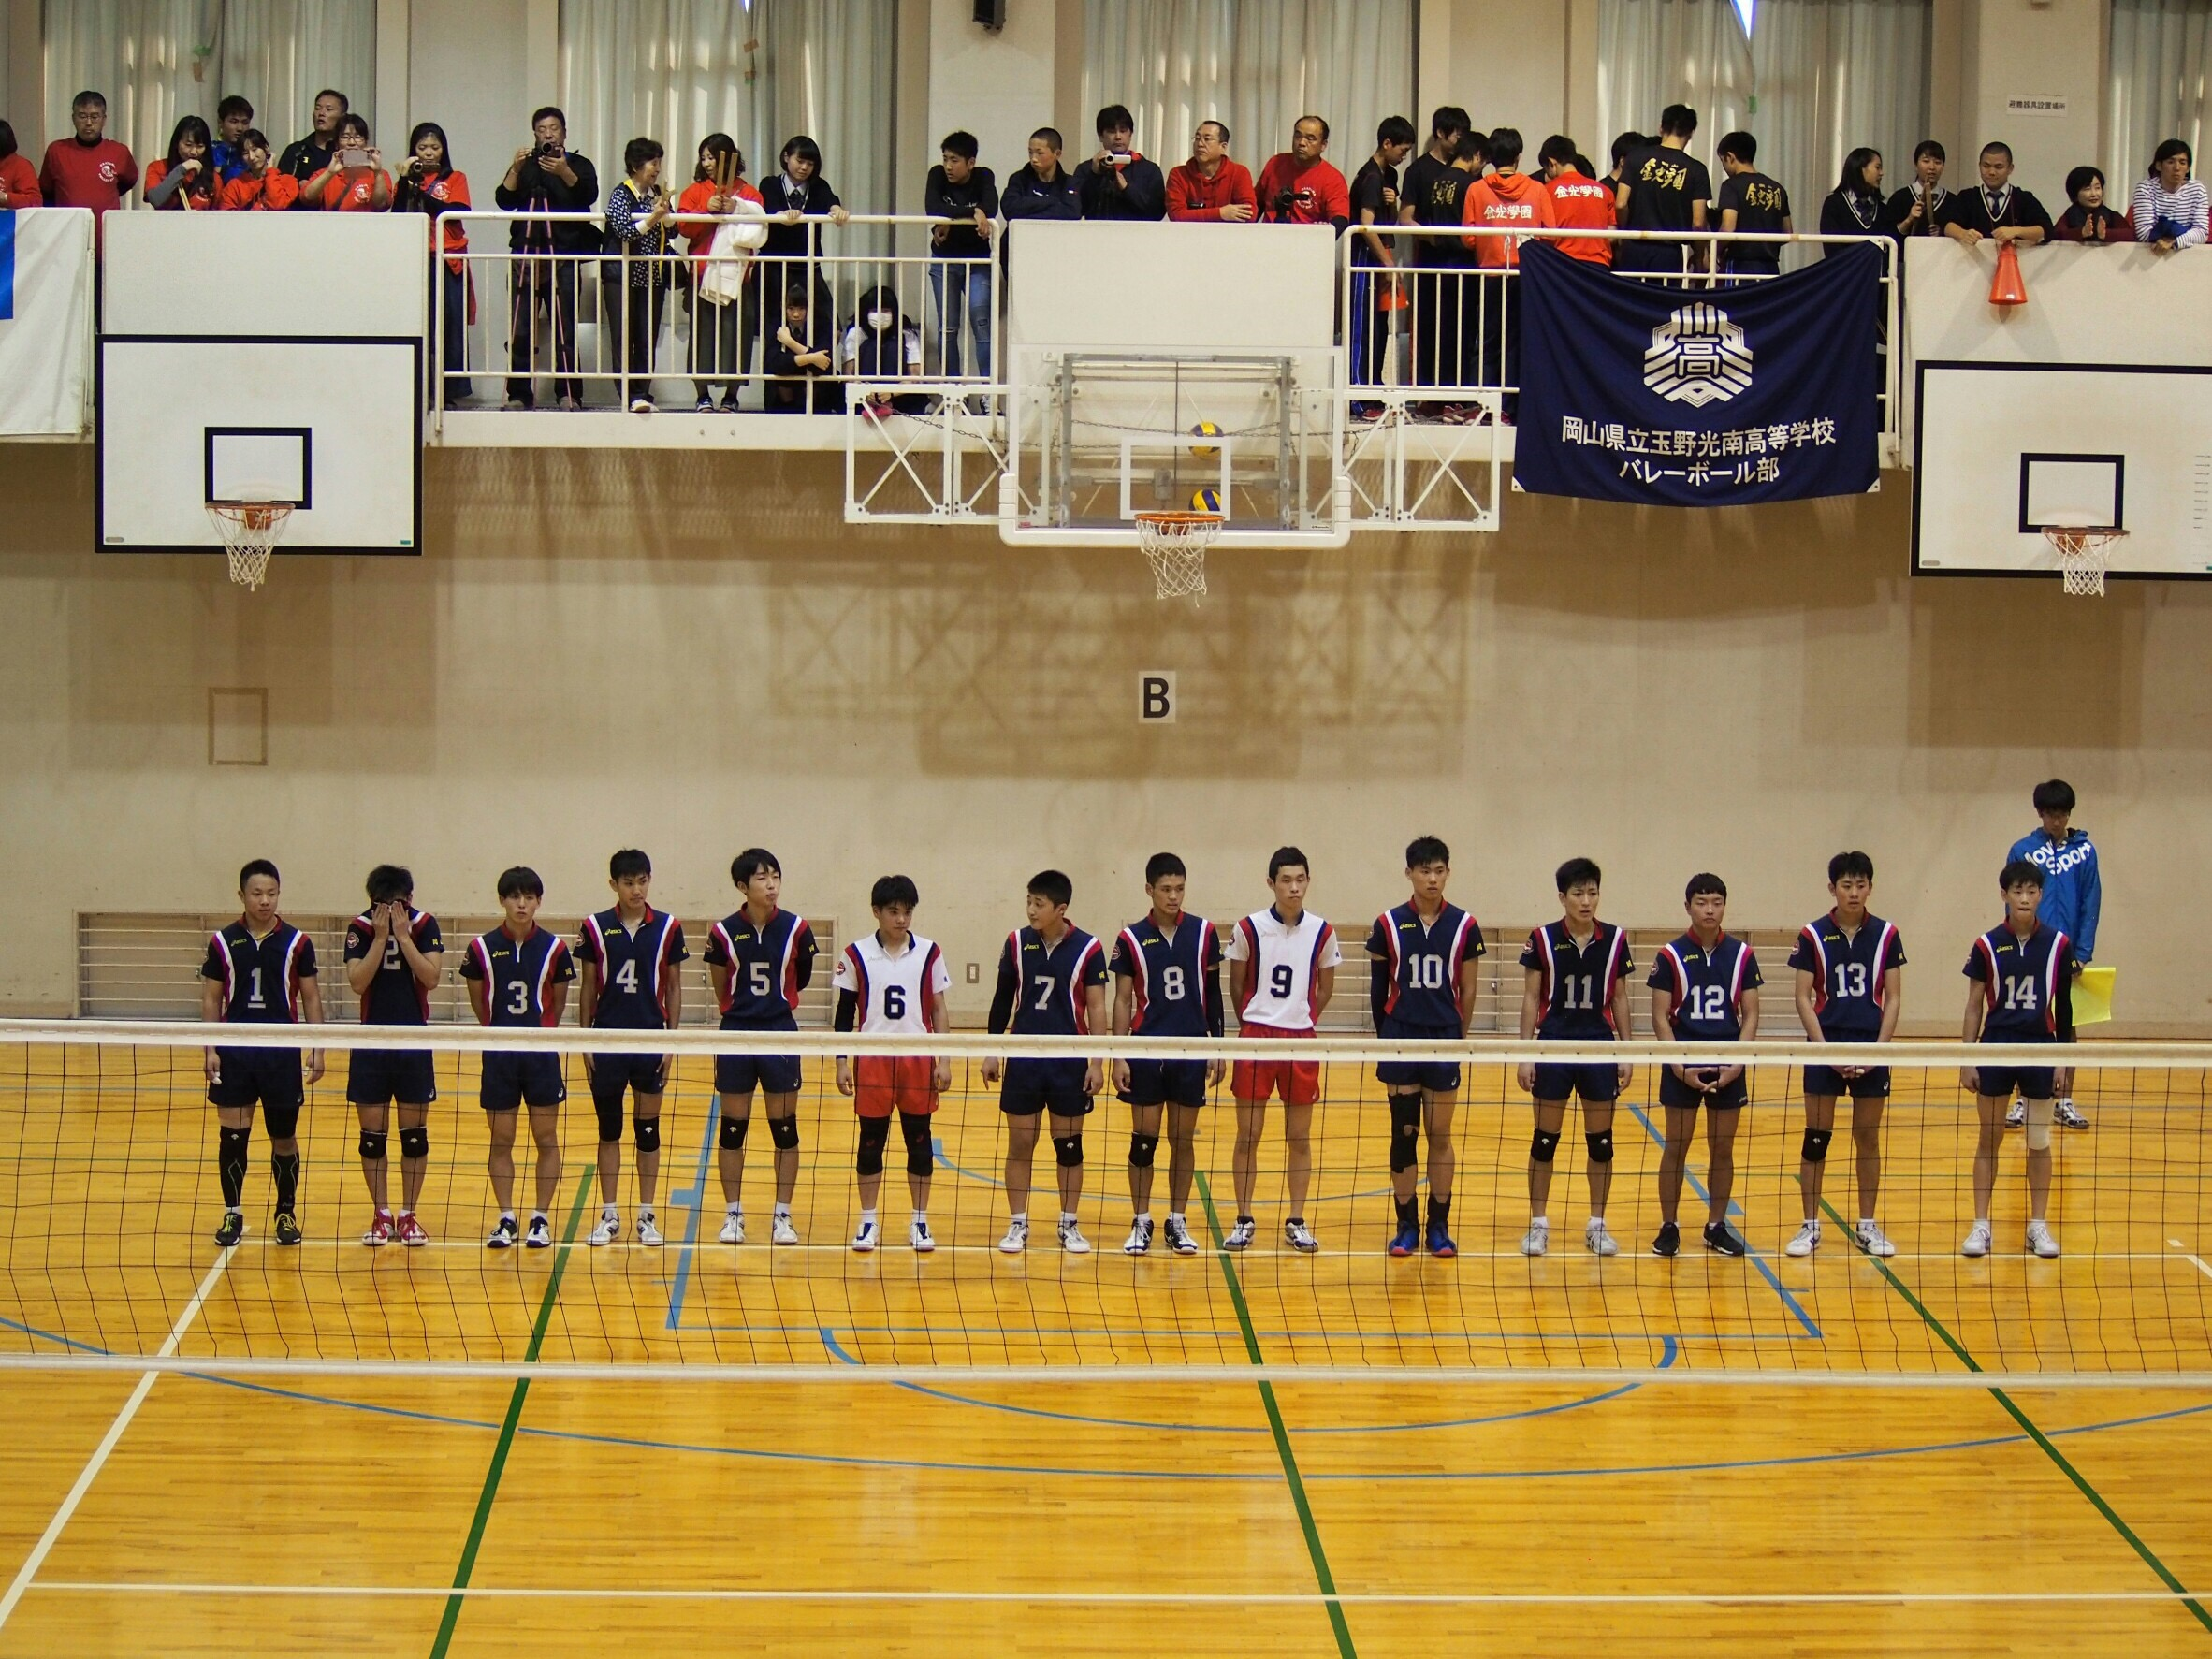 岡山県高等学校男女バレーボール選手権大会 大会3日目